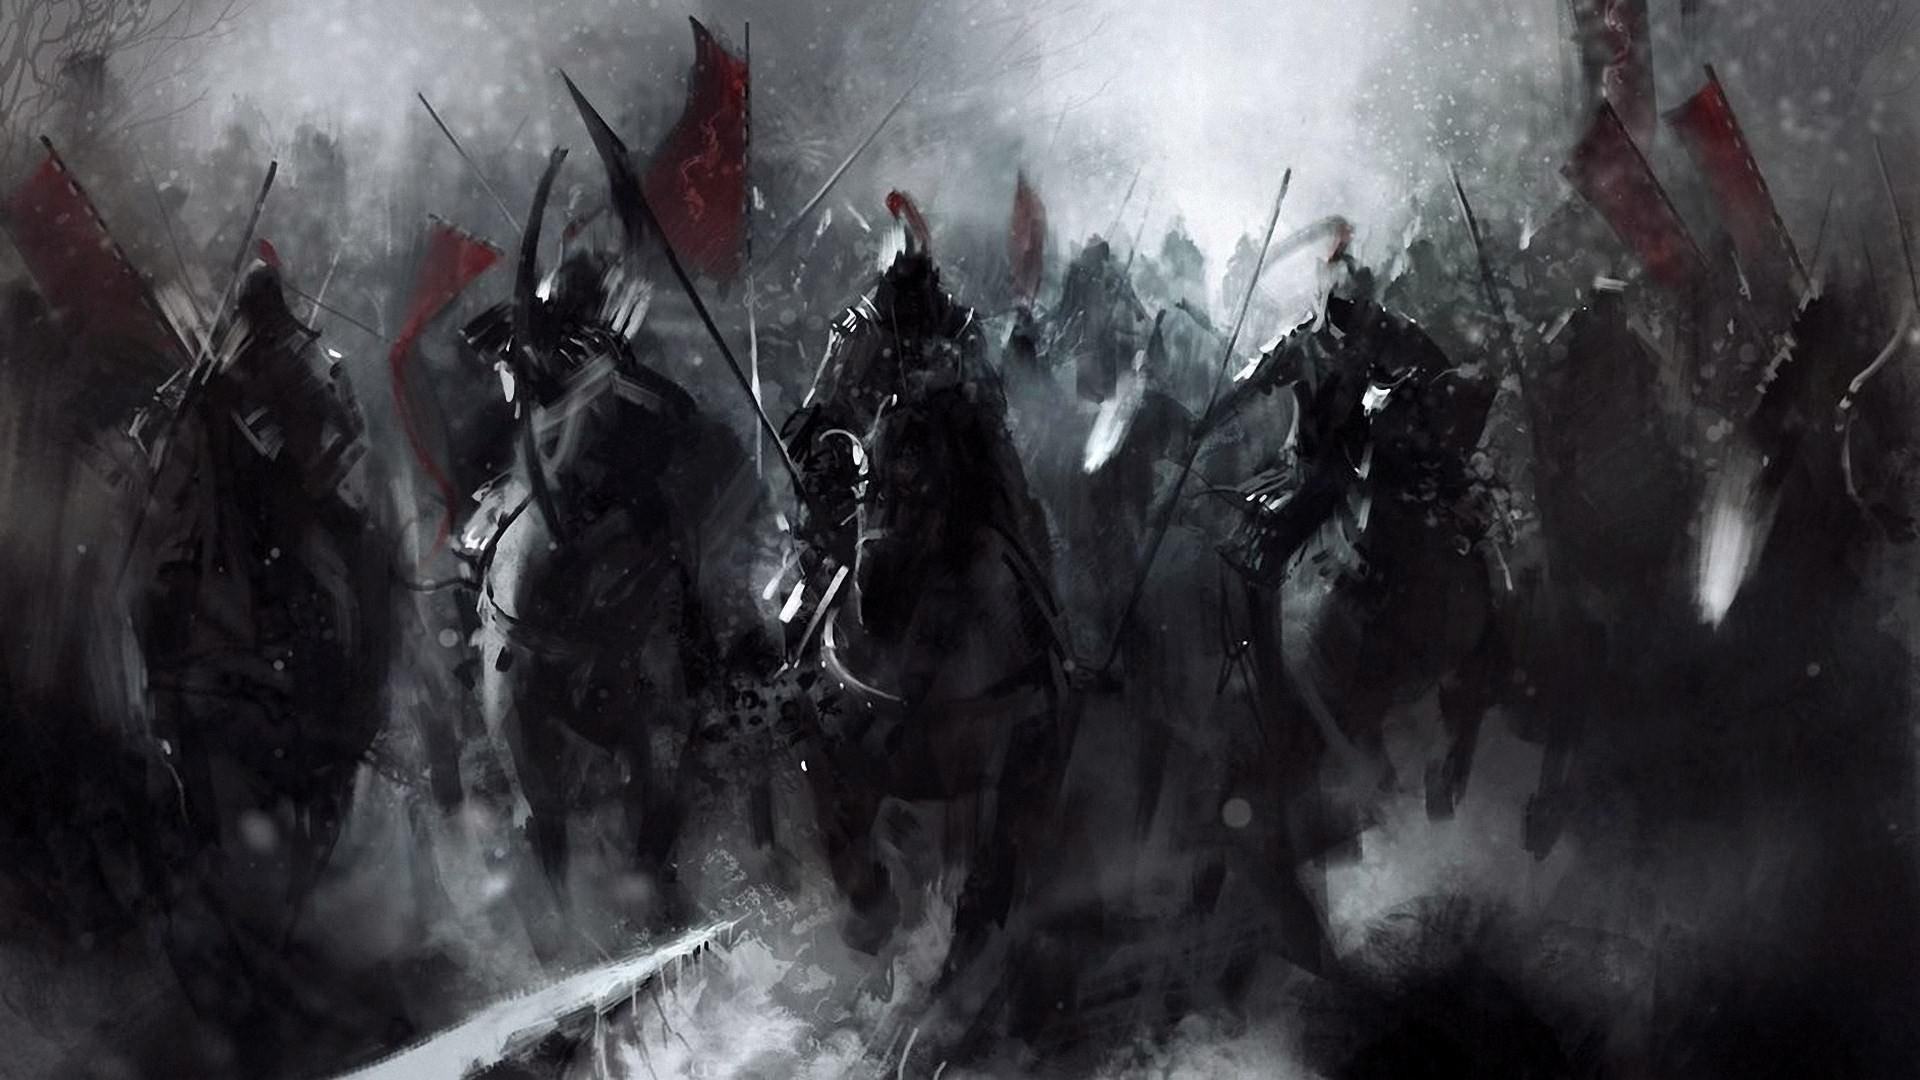 Dark Fantasy Horsemen Wallpaper – https://digitalart.io/dark-fantasy